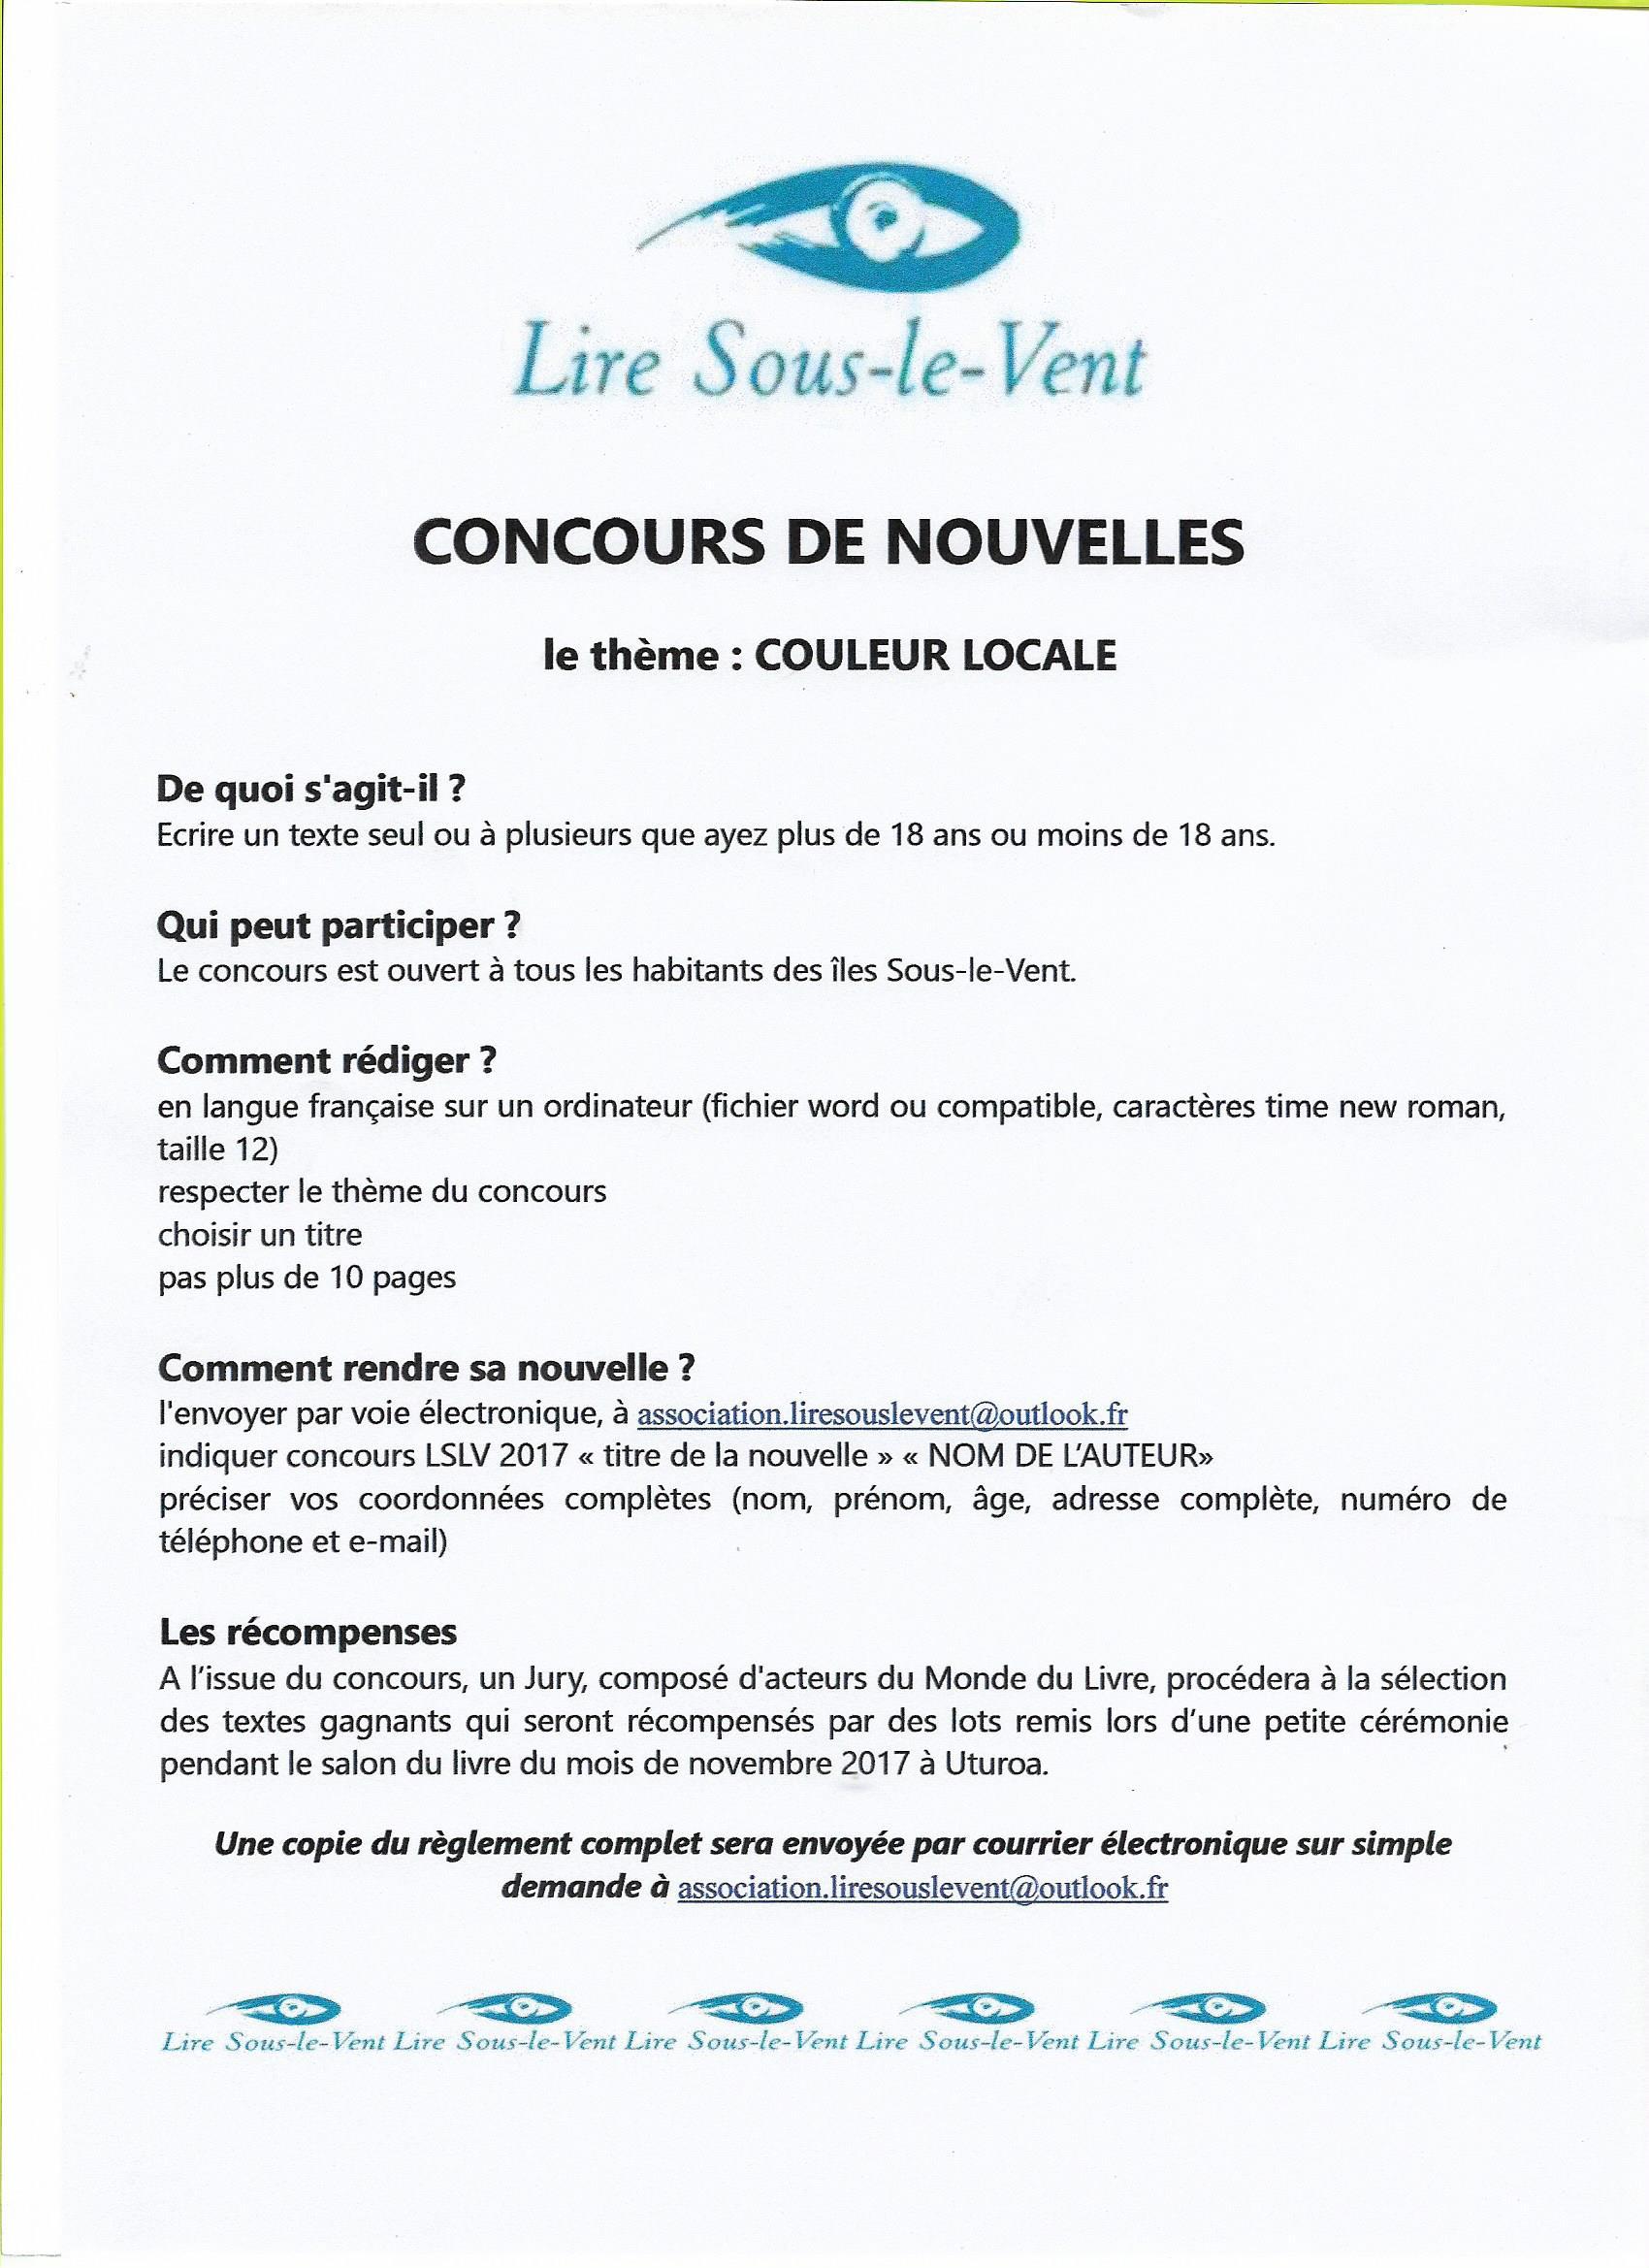 affiche concours de nouvelles